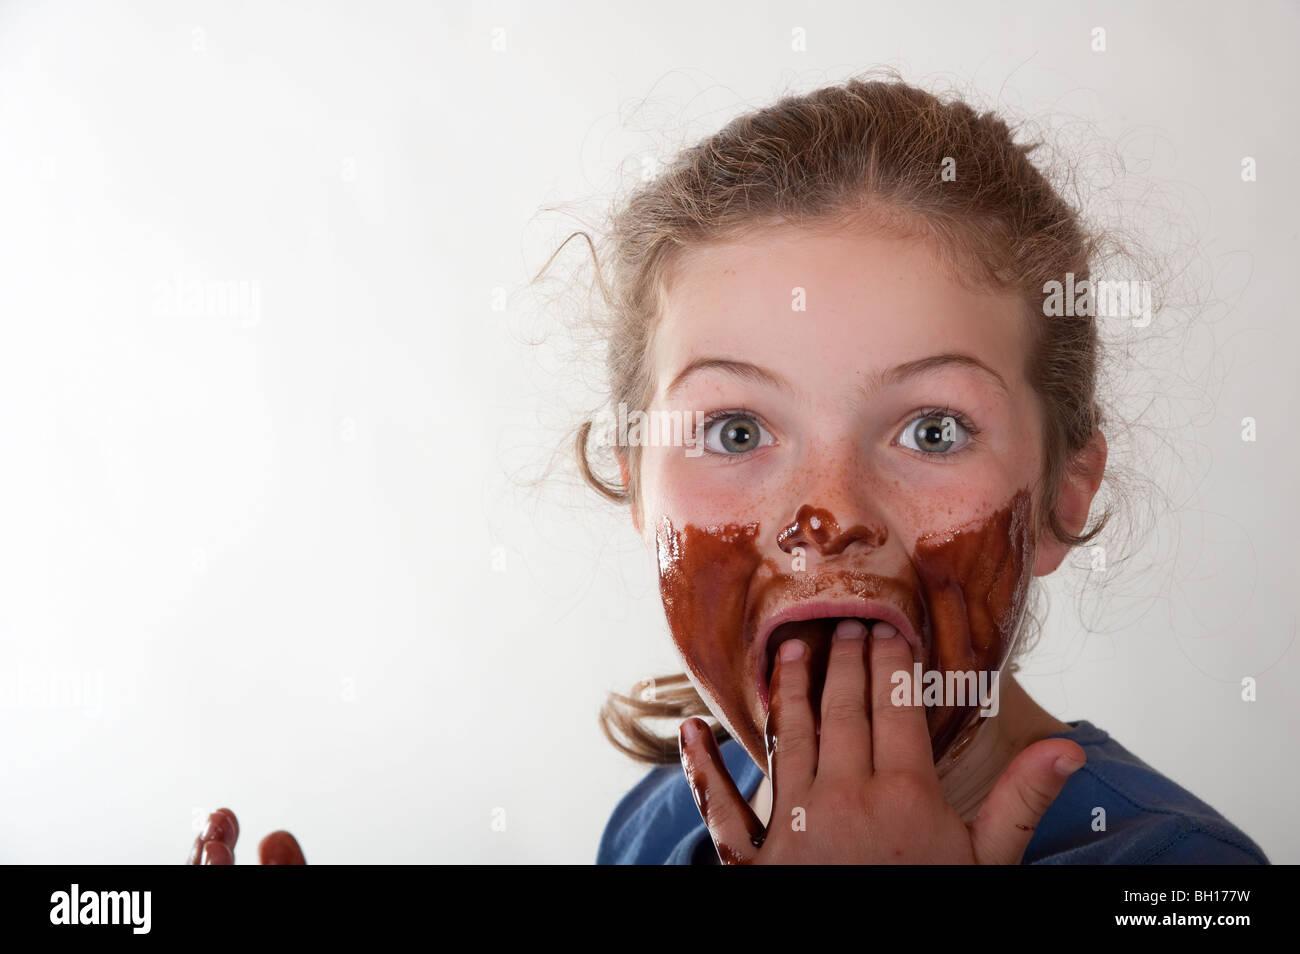 Little girl smiling grâce au chocolat visage couvert Photo Stock